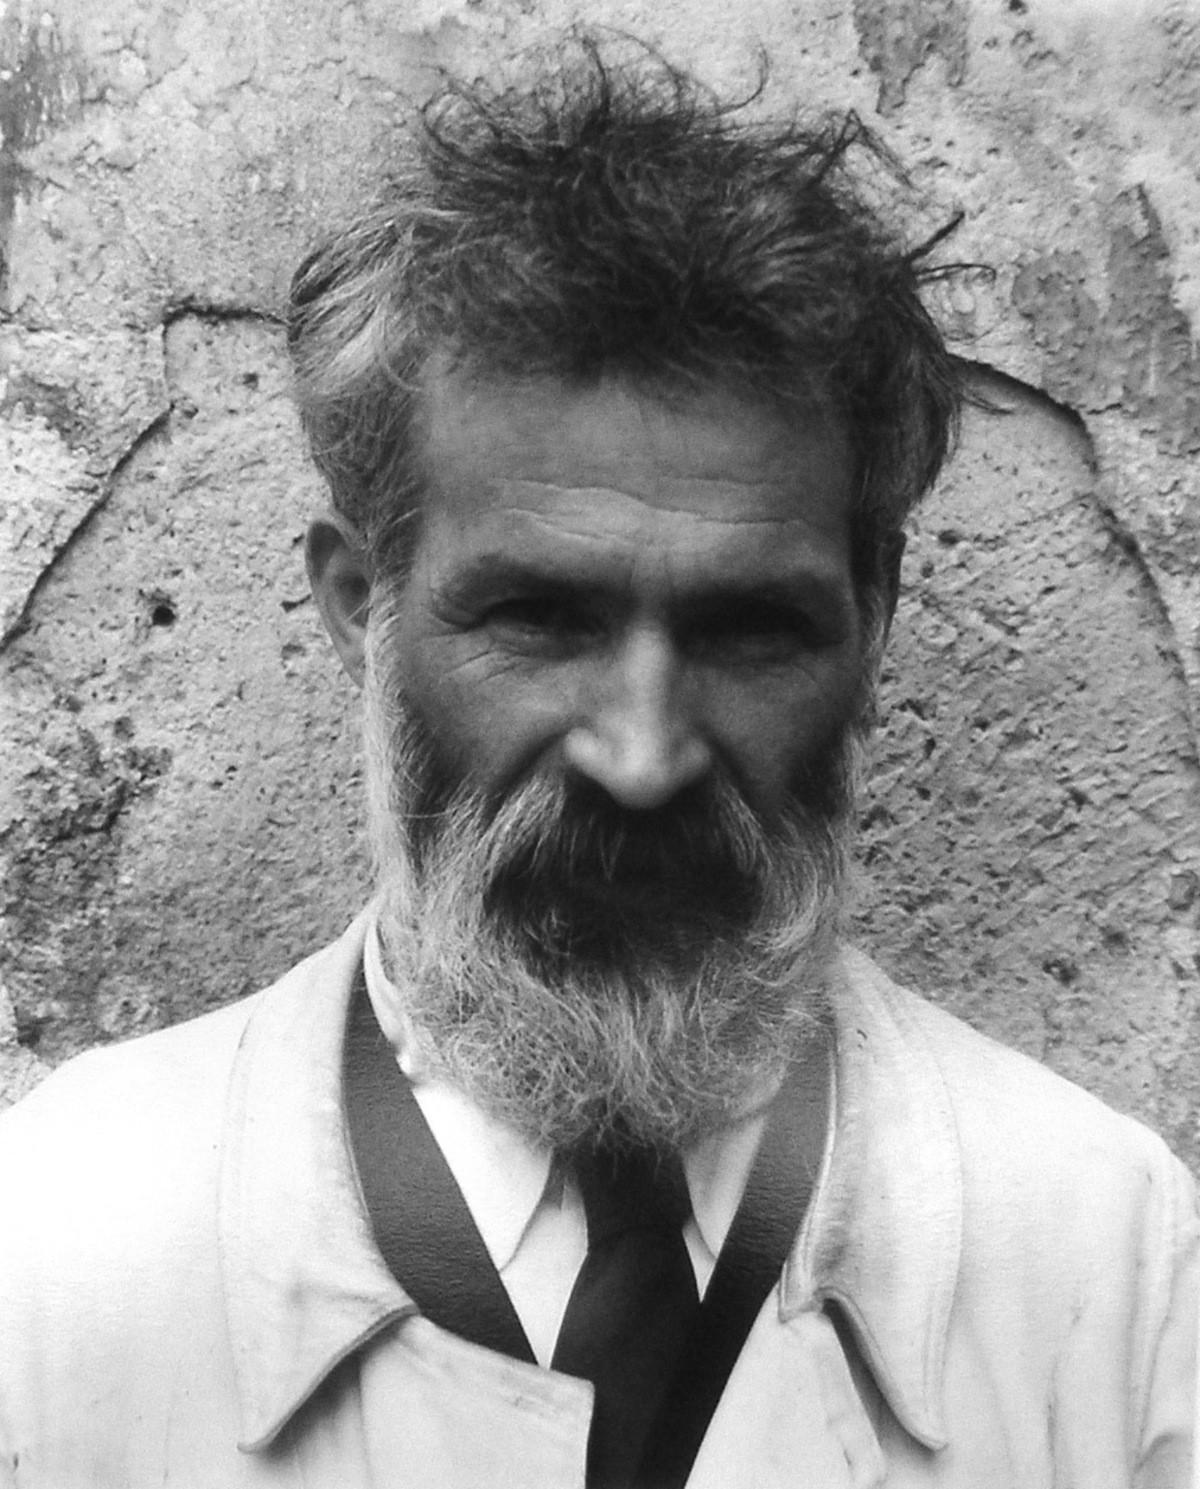 Edward Steichen Brancusi